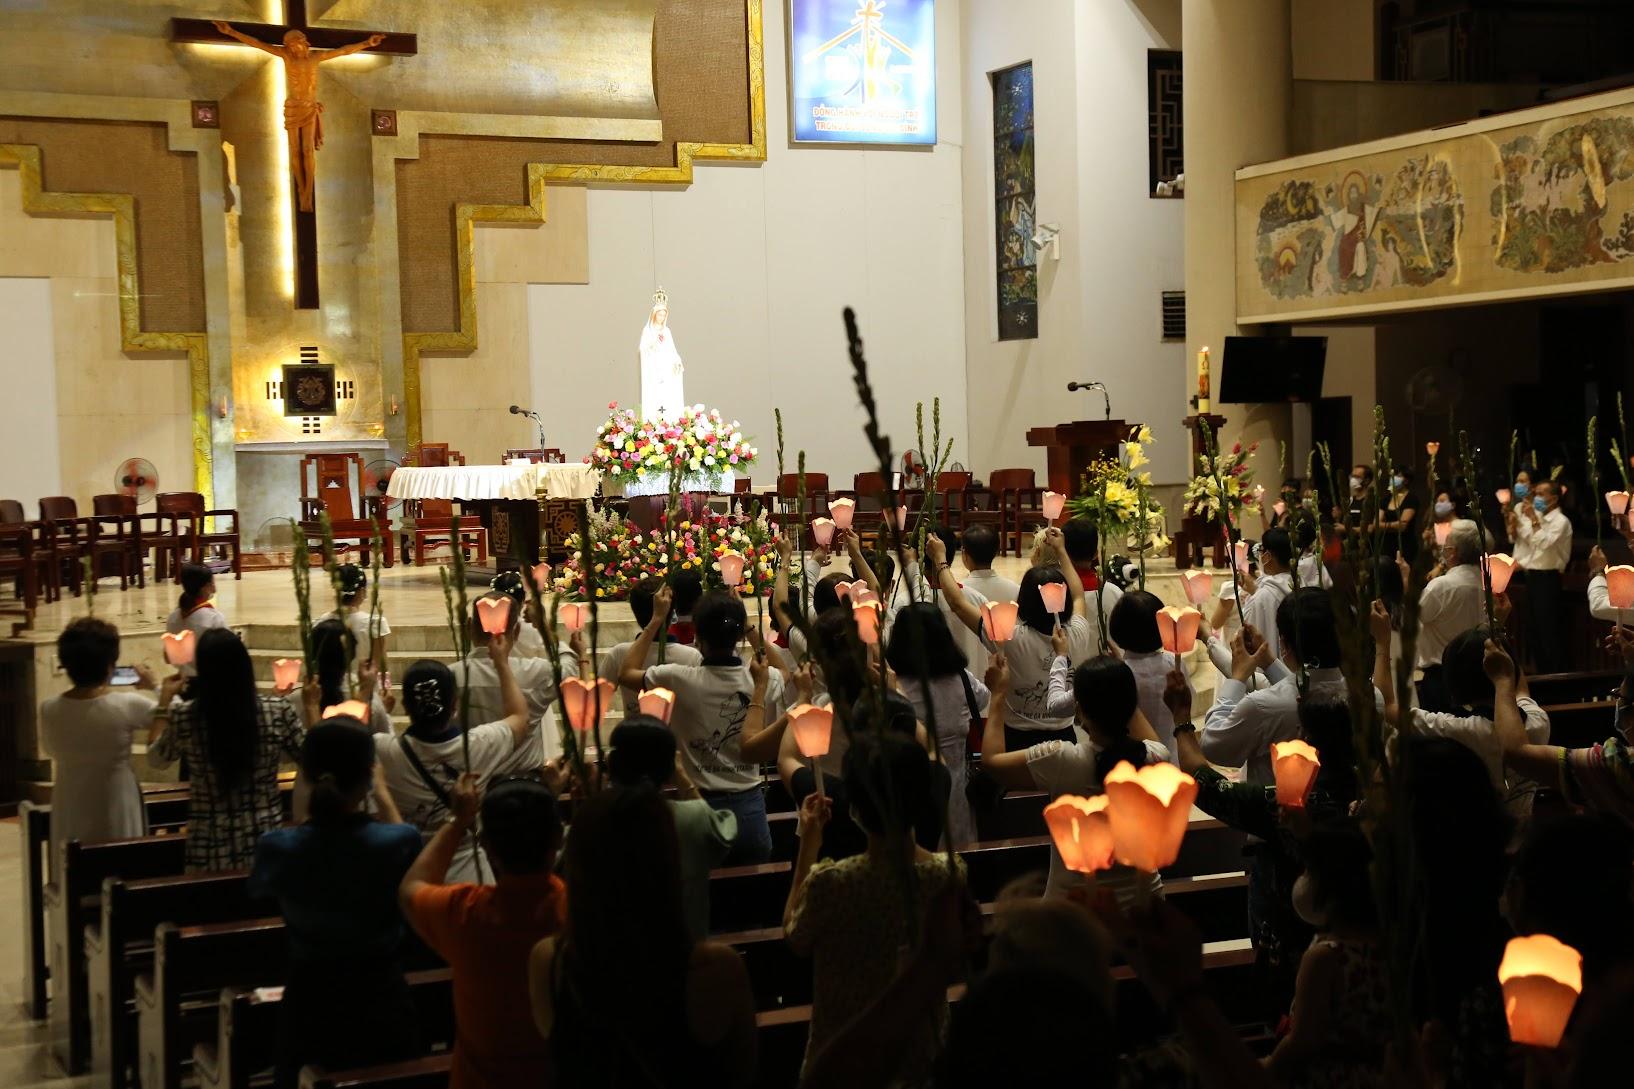 Thánh Lễ Tạ Ơn Và Nghi Thức Tôn Vinh Đức Mẹ Fatima 13.5.2021